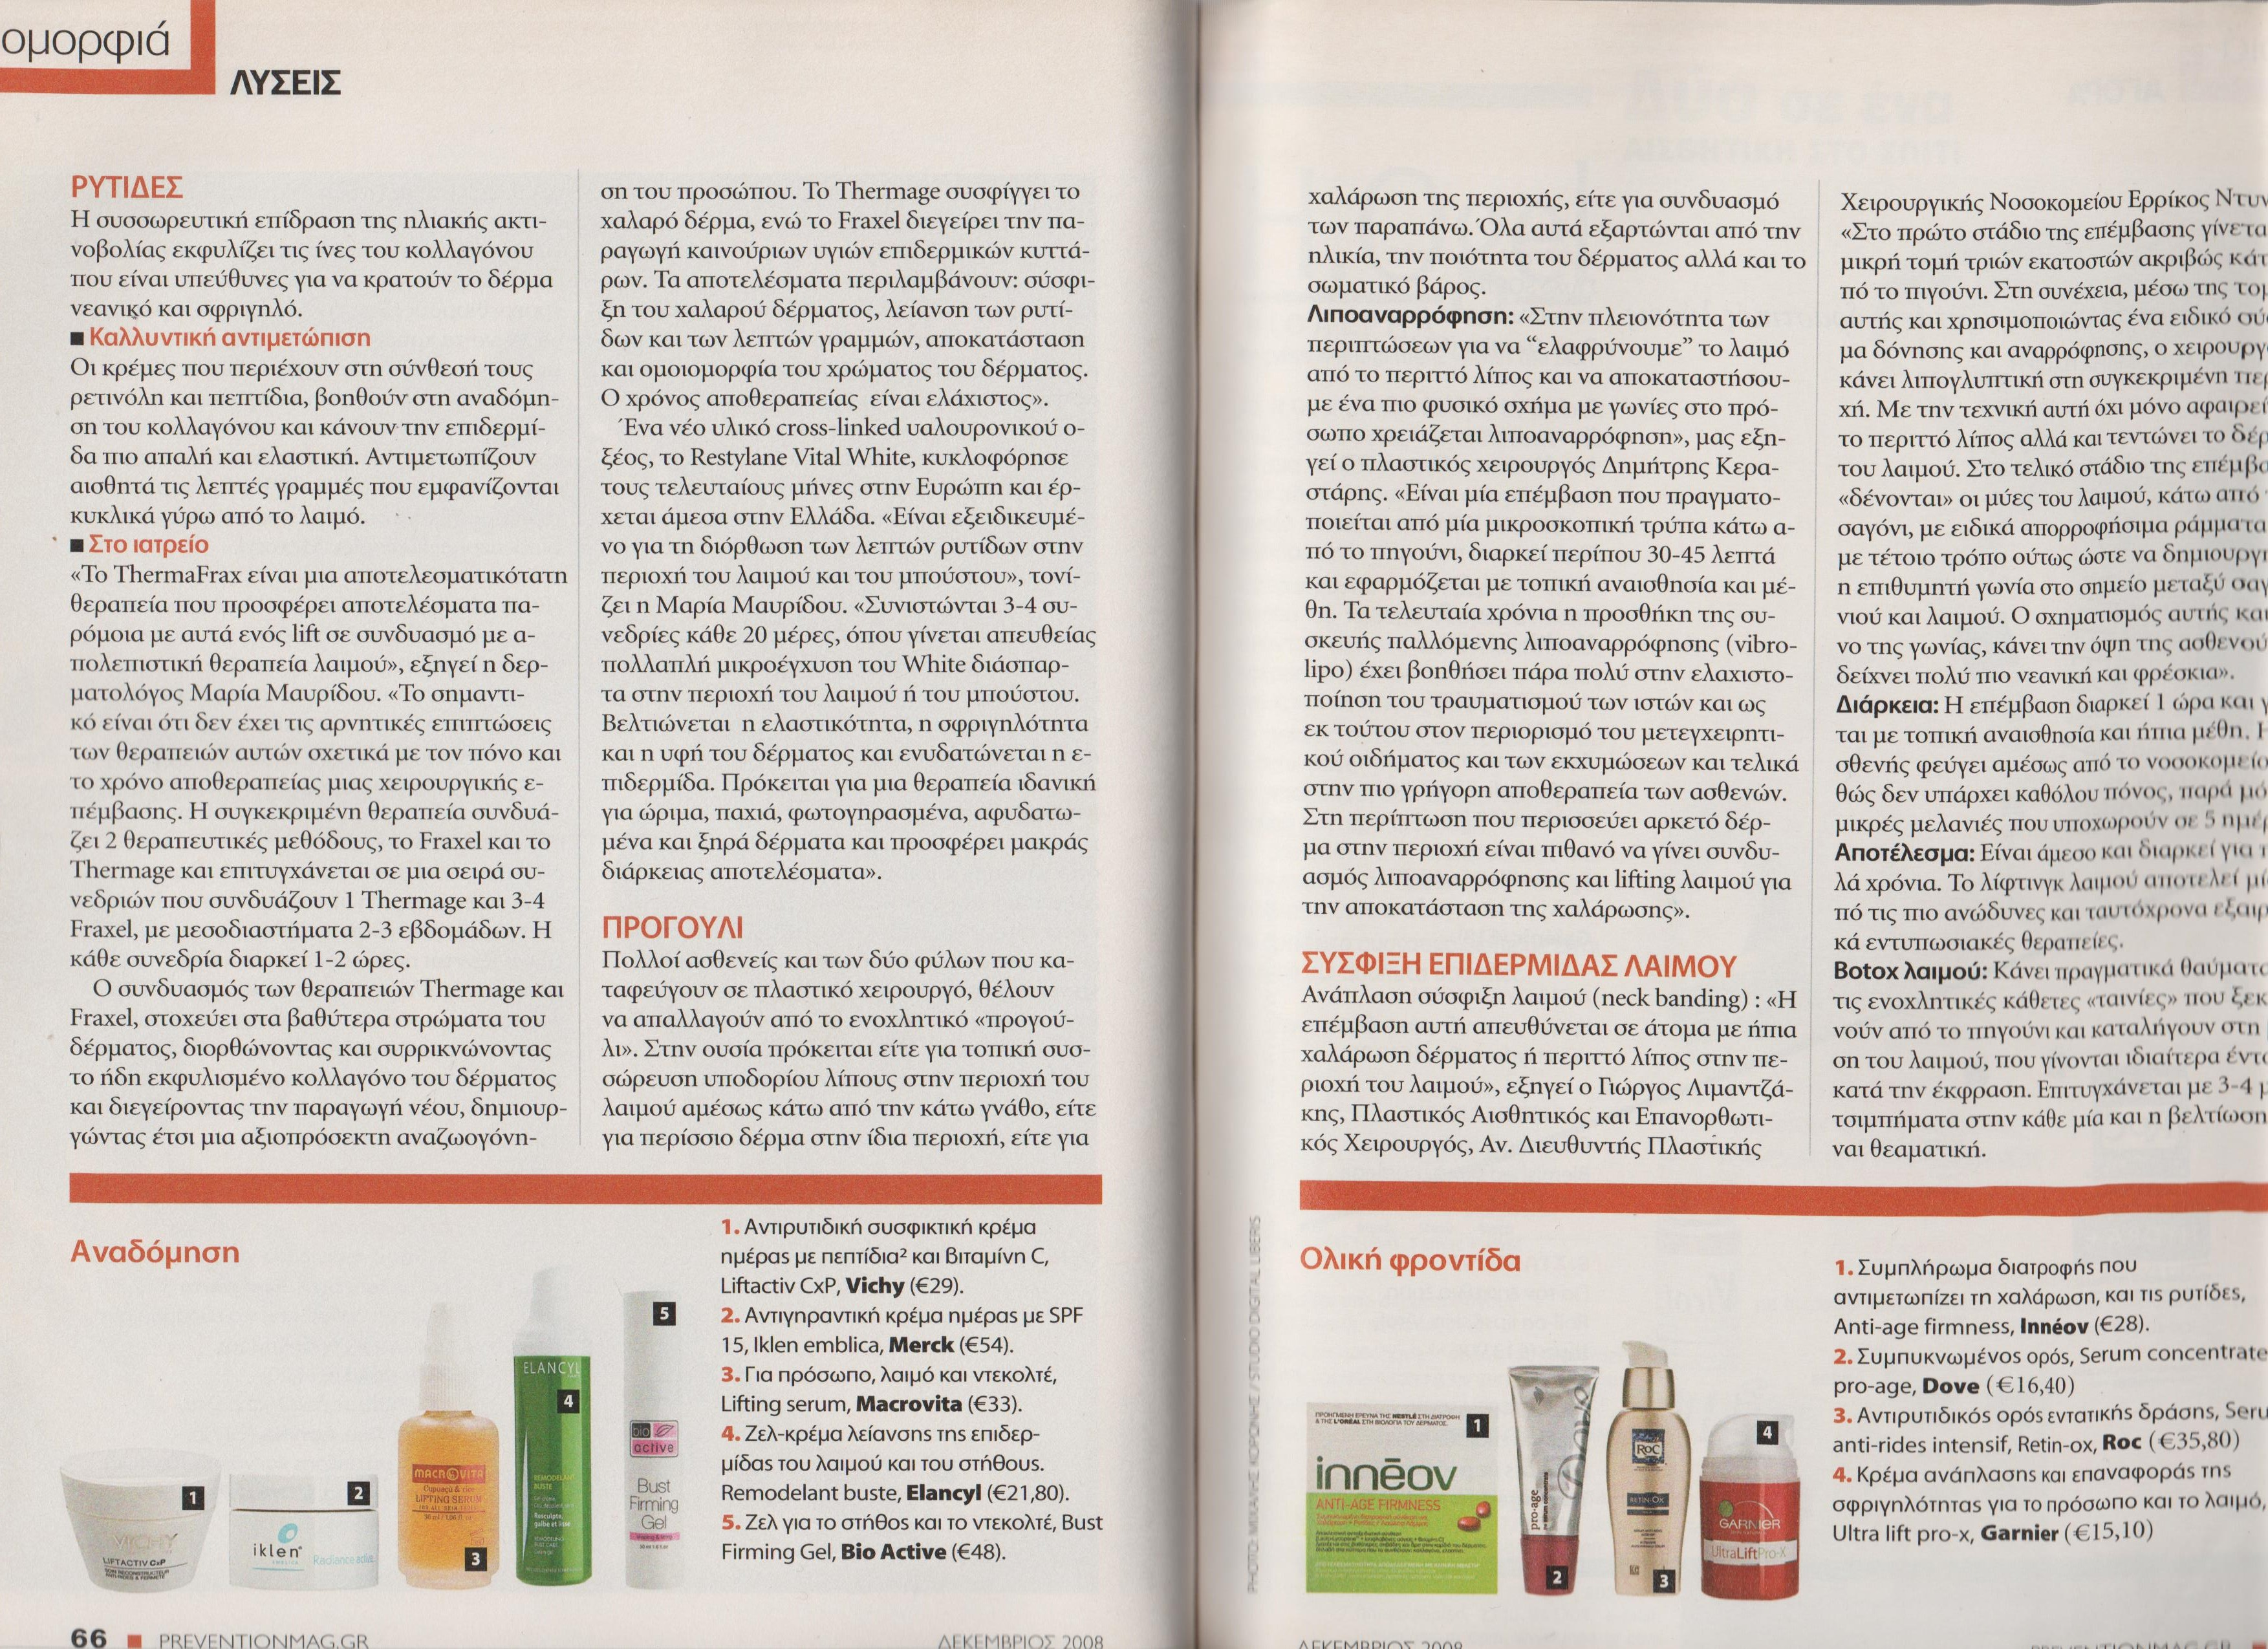 περιοδικό PREVENTION 12-2008